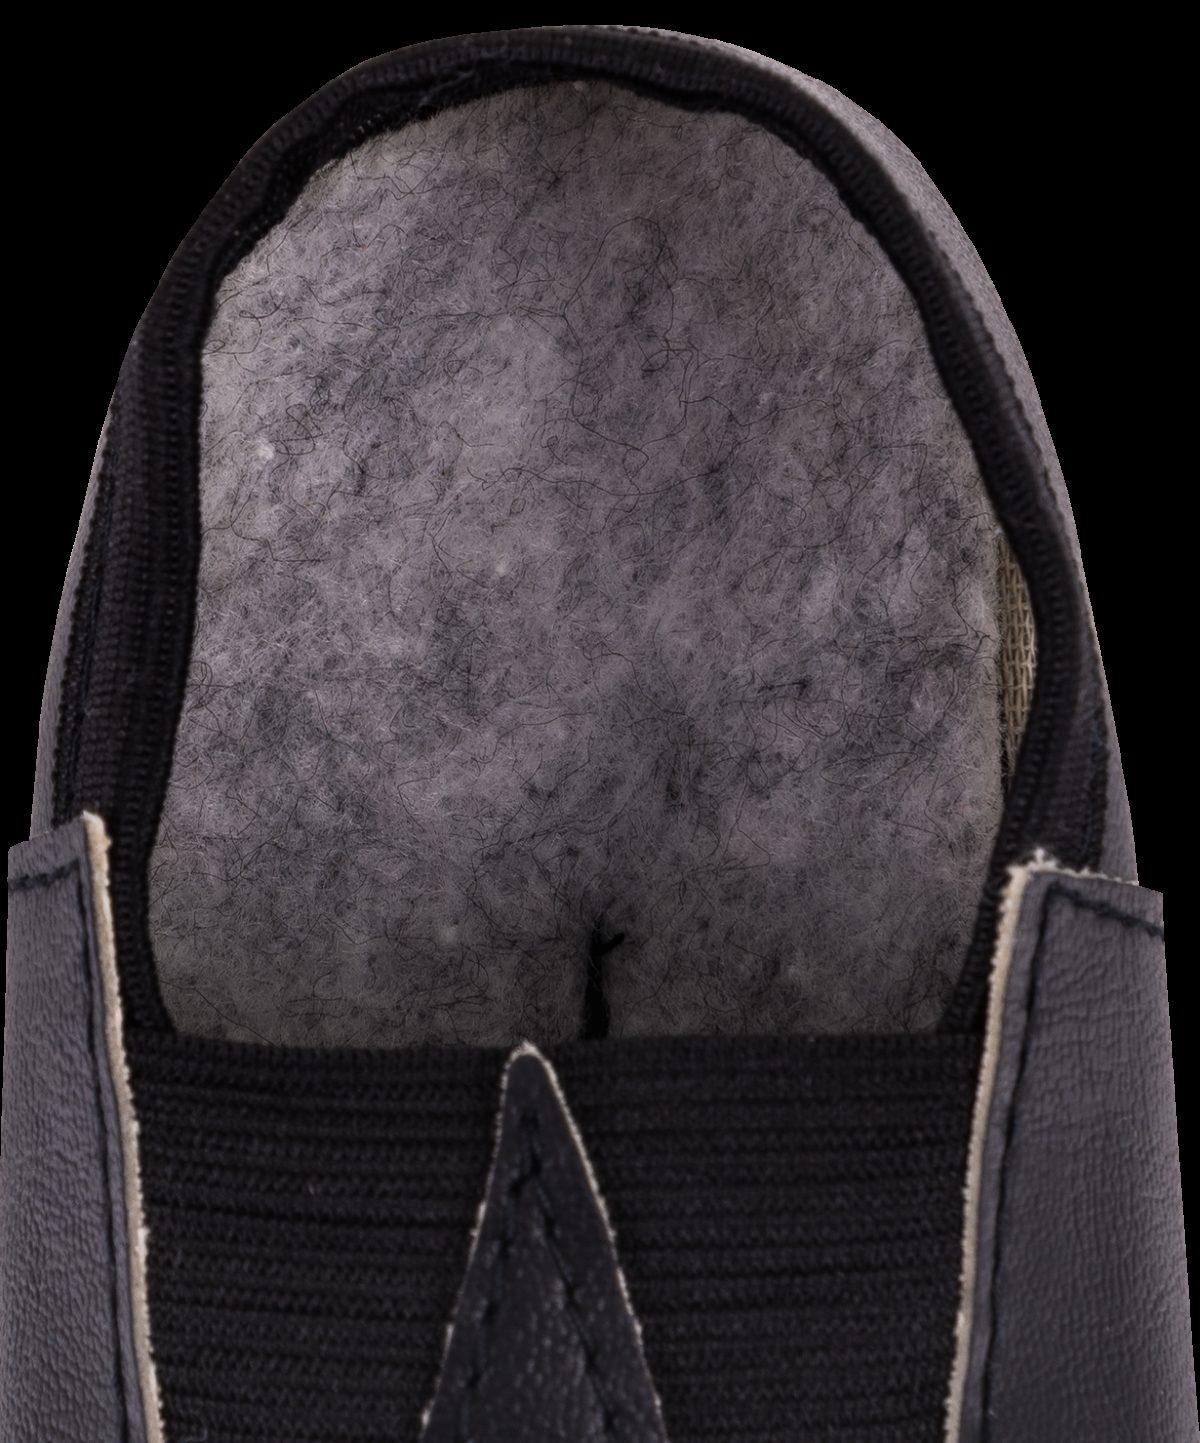 Чешки классические кожзам  3840: чёрный - 2